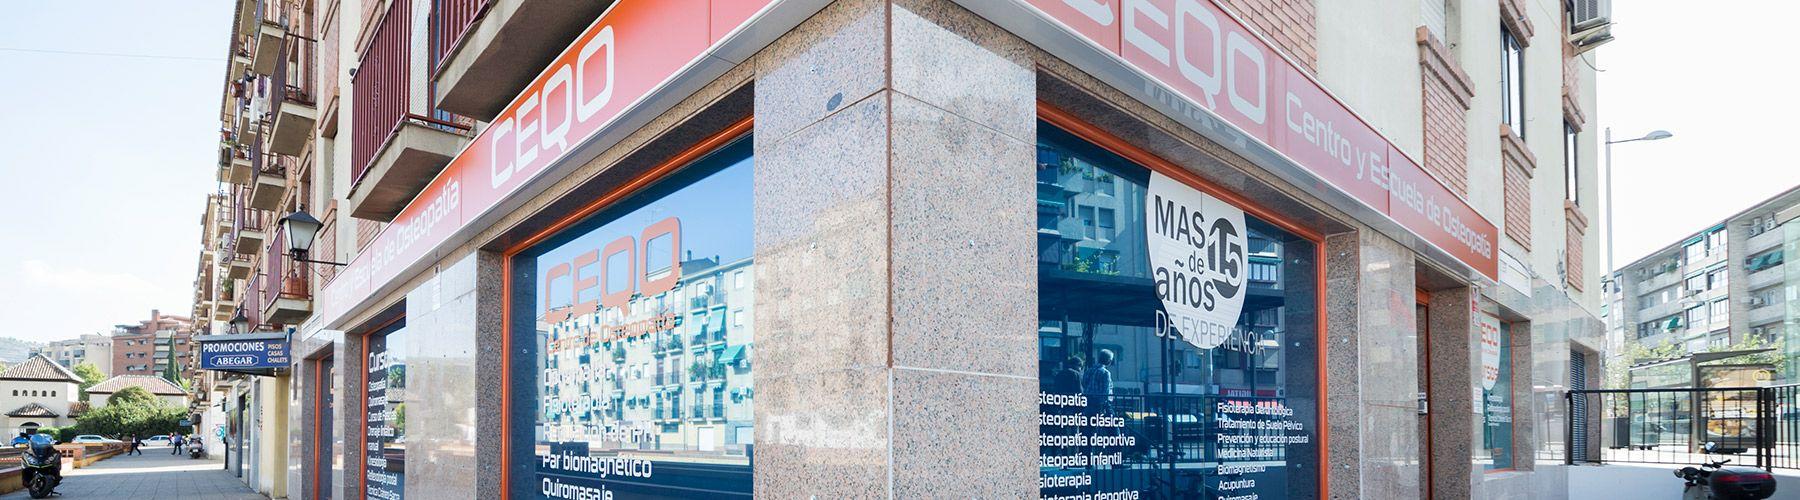 fachada centro ceqo en granada